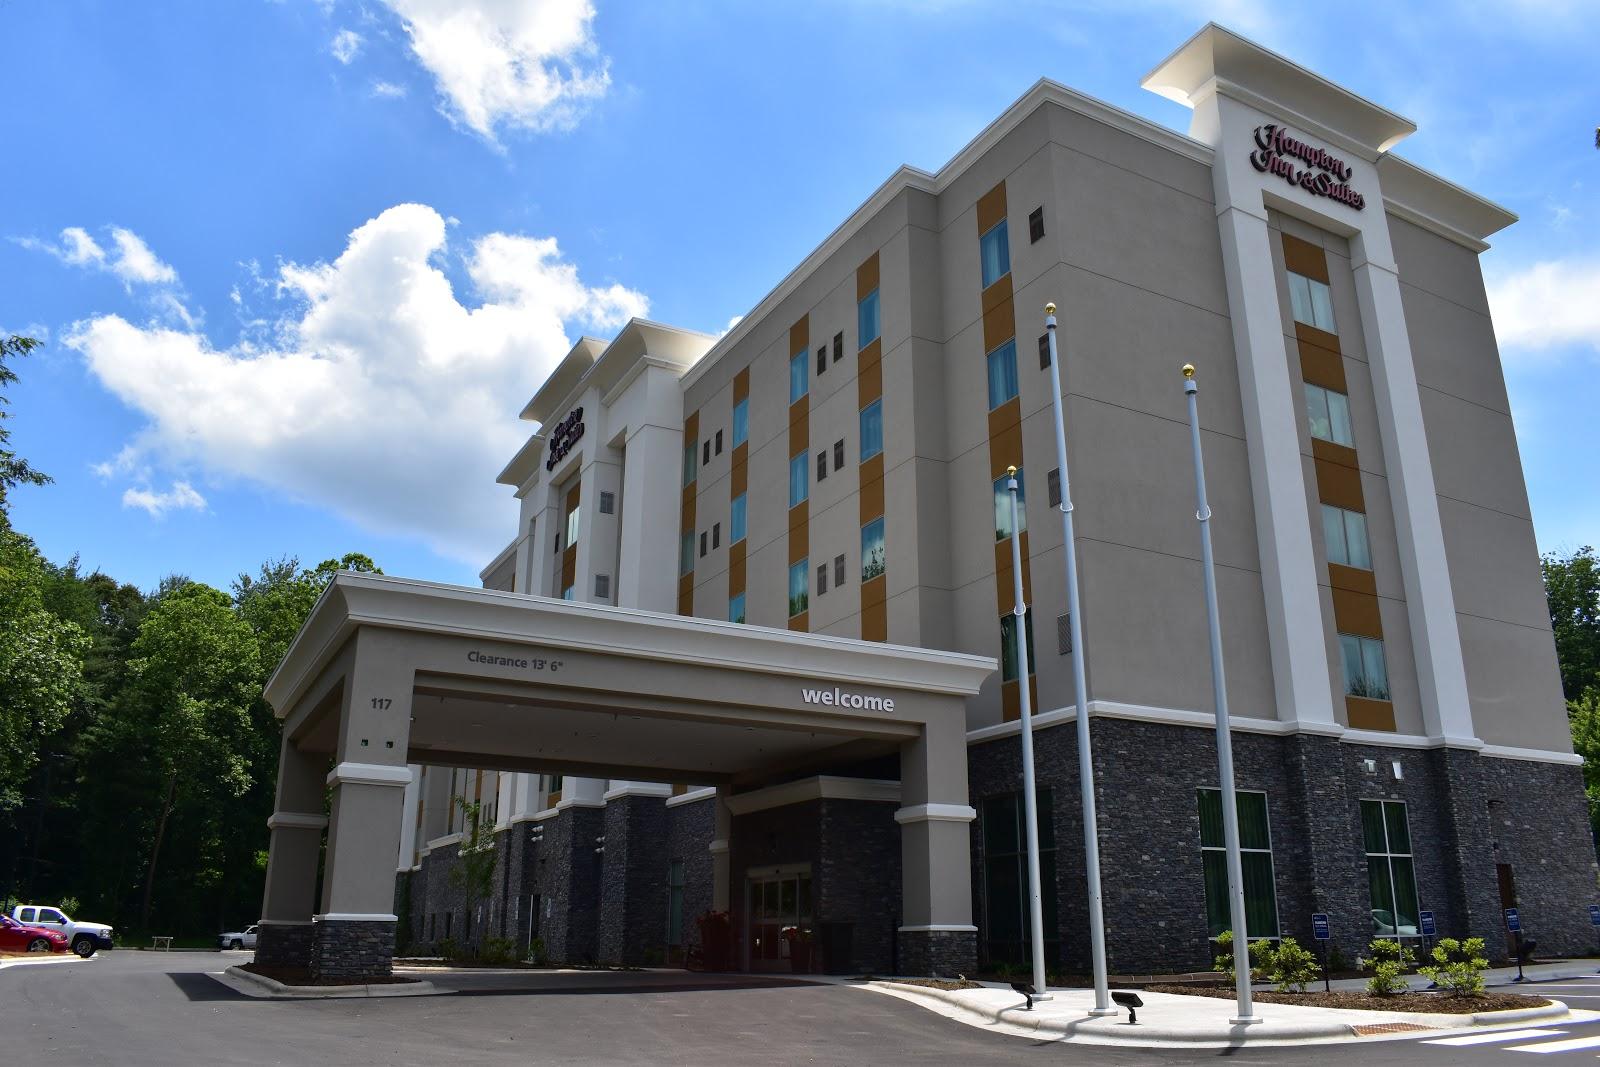 Hampton Inn Suites Now Open In Biltmore Village